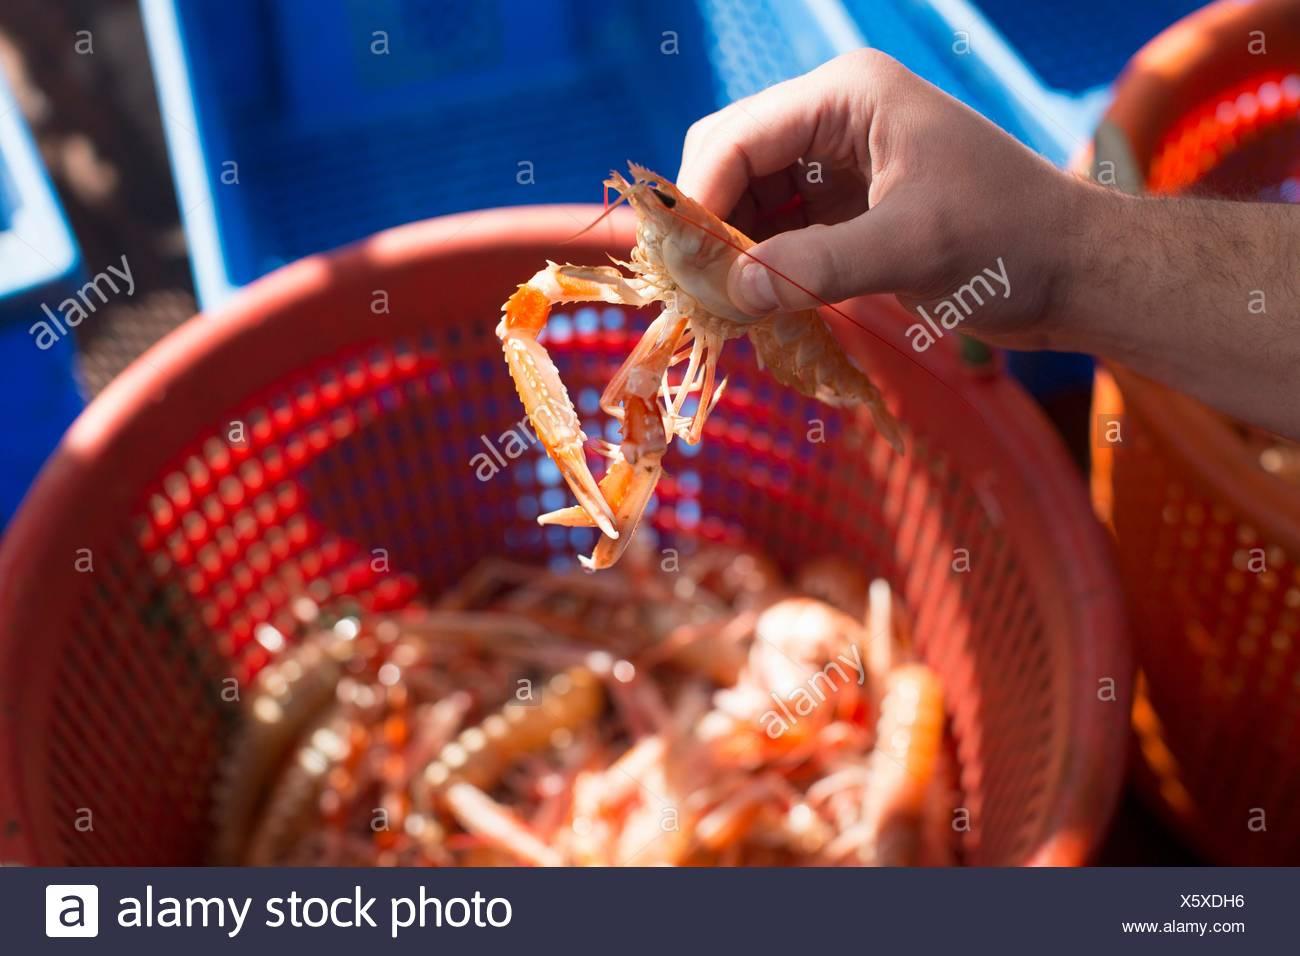 Fisherman holding up shellfish - Stock Image